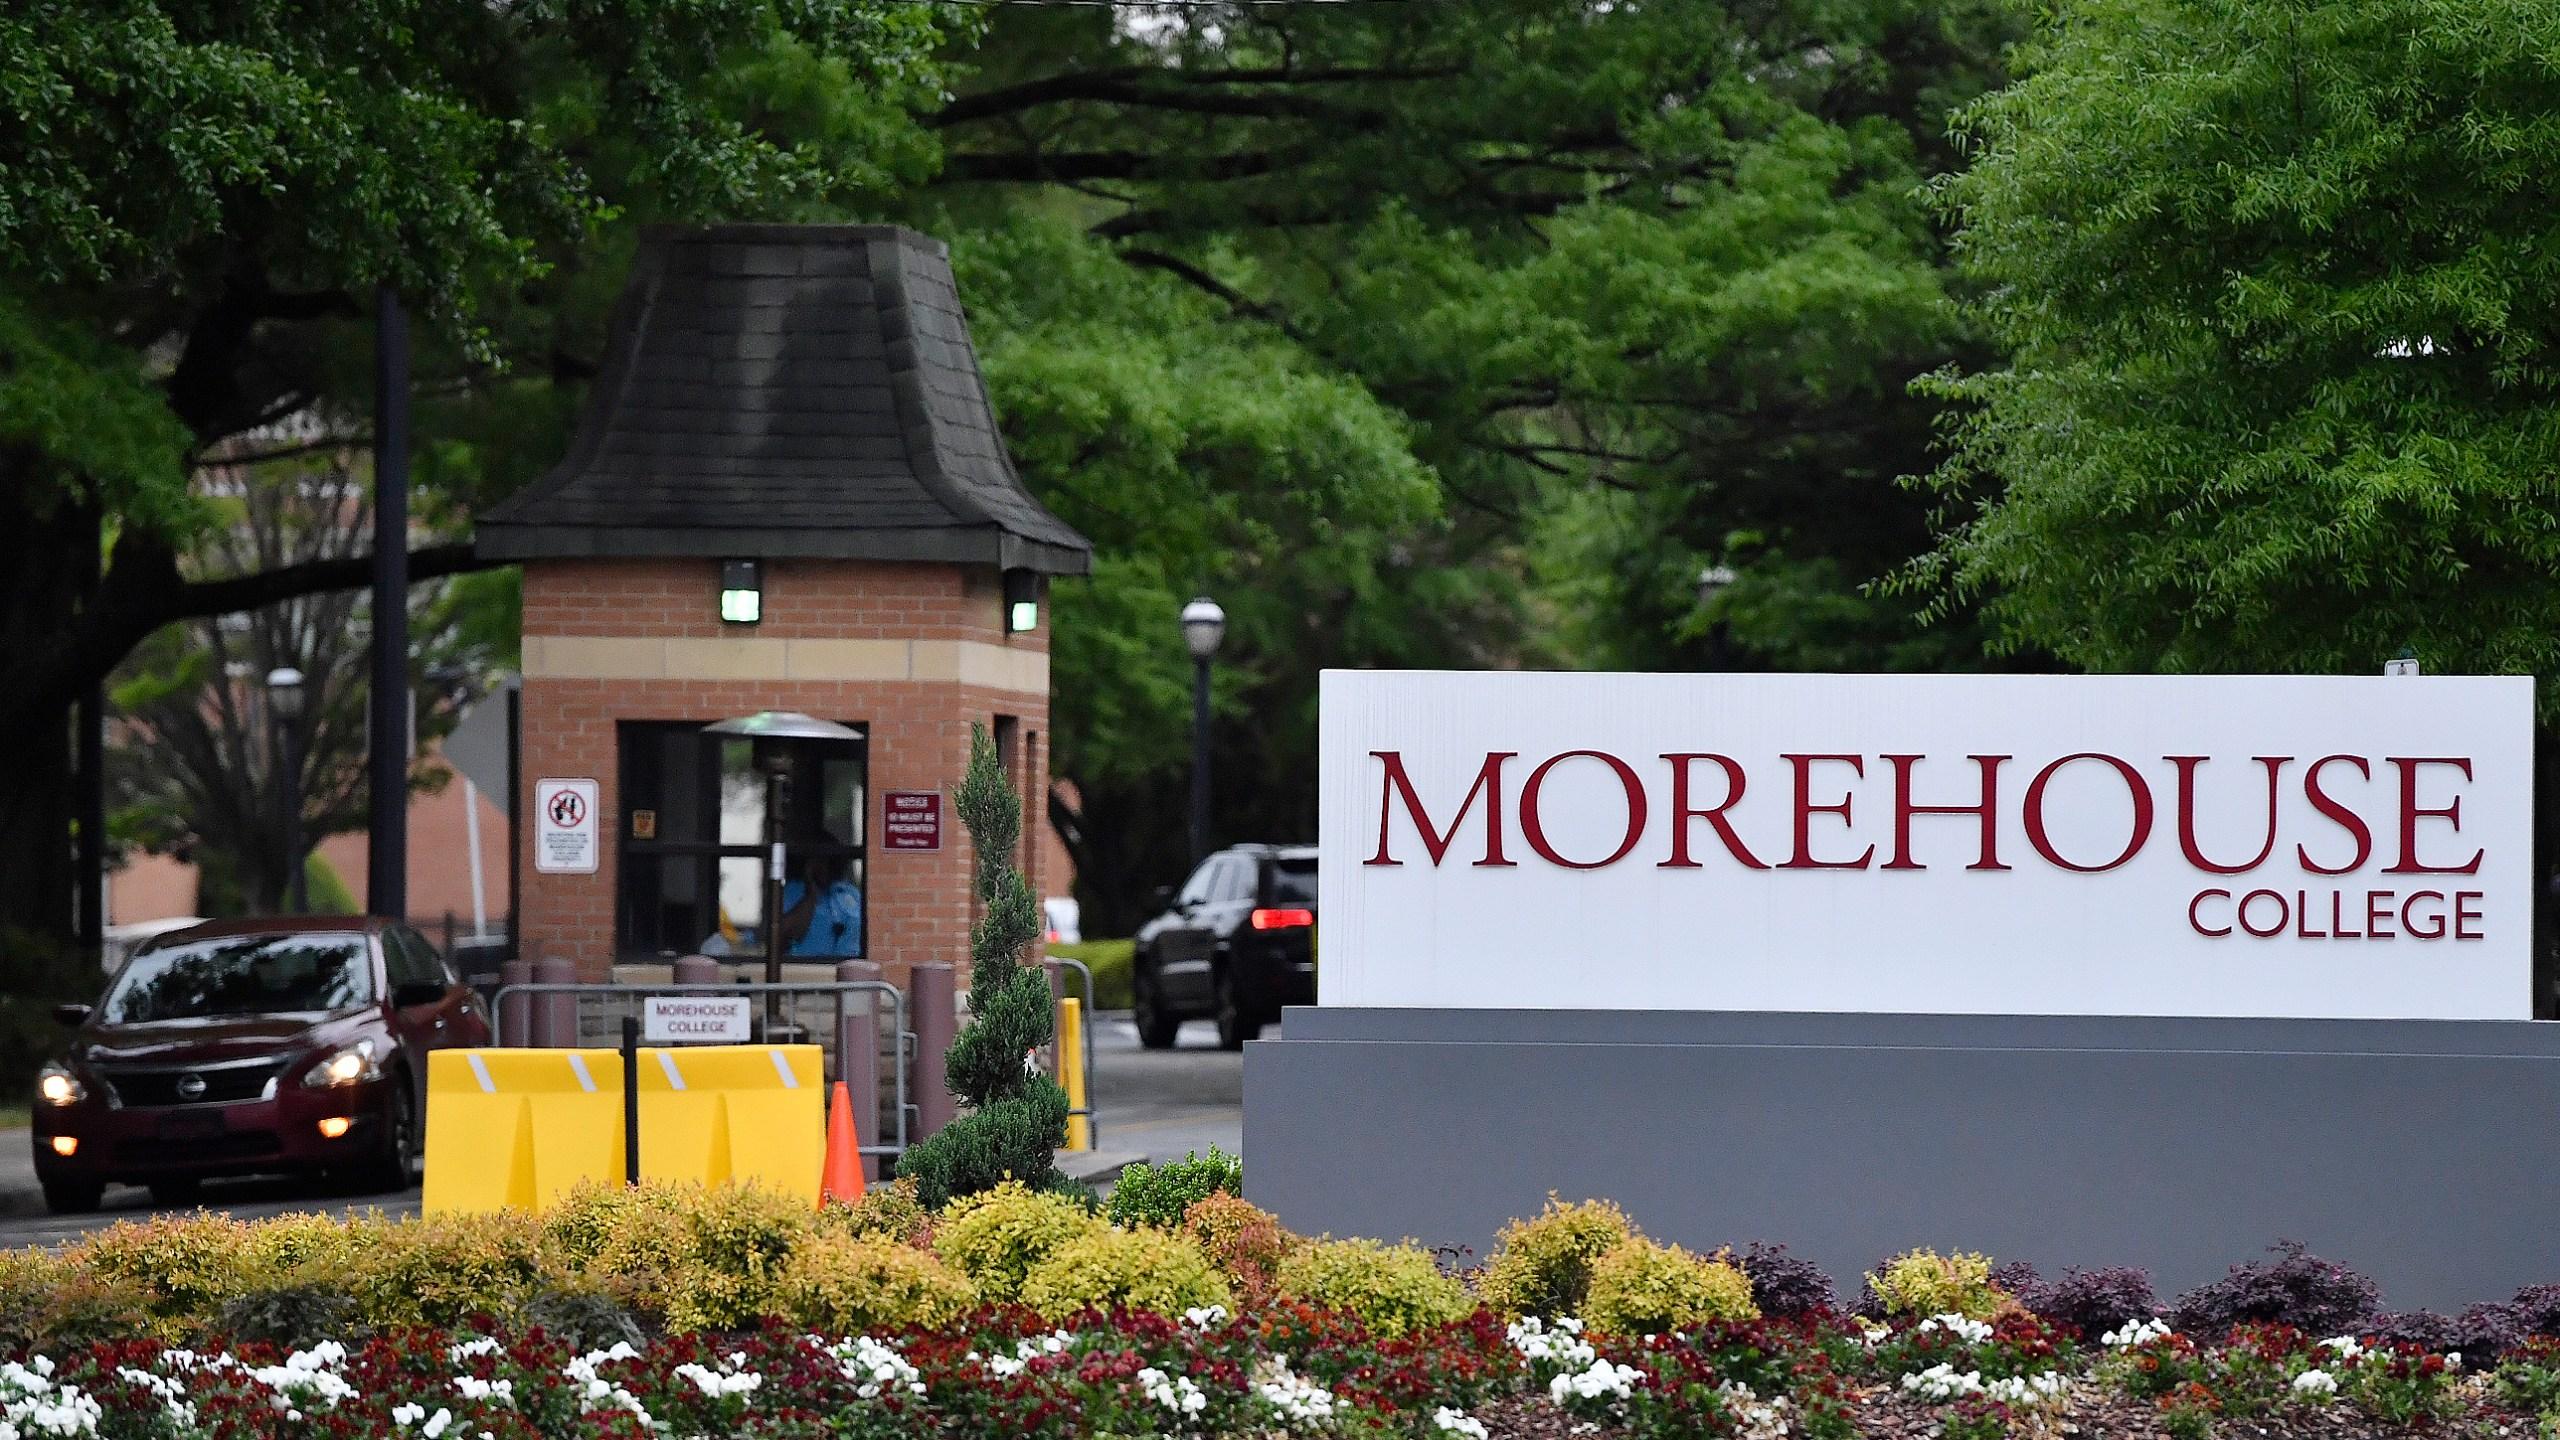 Morehouse_College_Transgender_97379-159532.jpg27043363